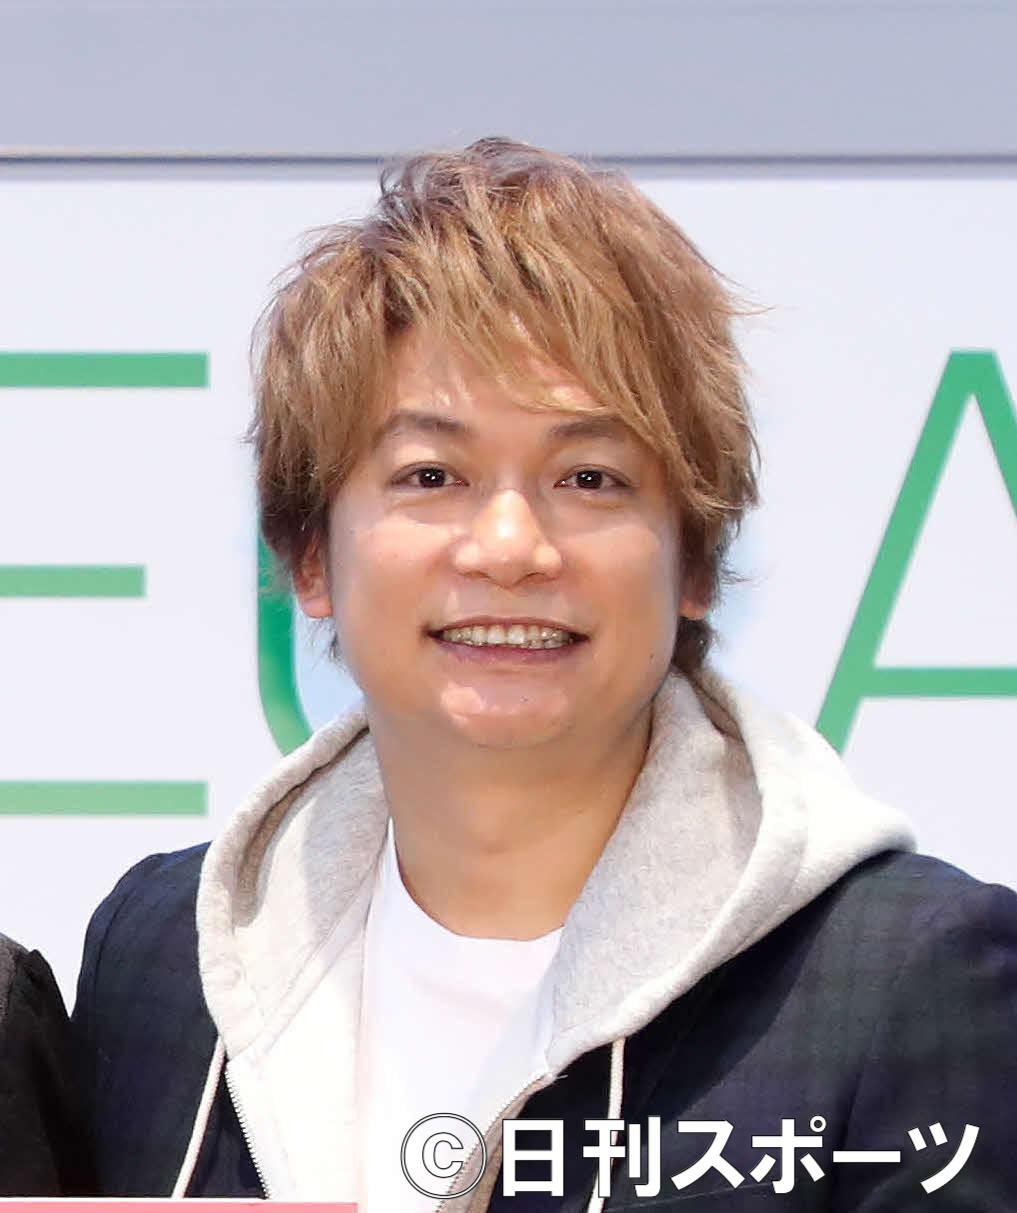 香取慎吾(2020年1月11日撮影)